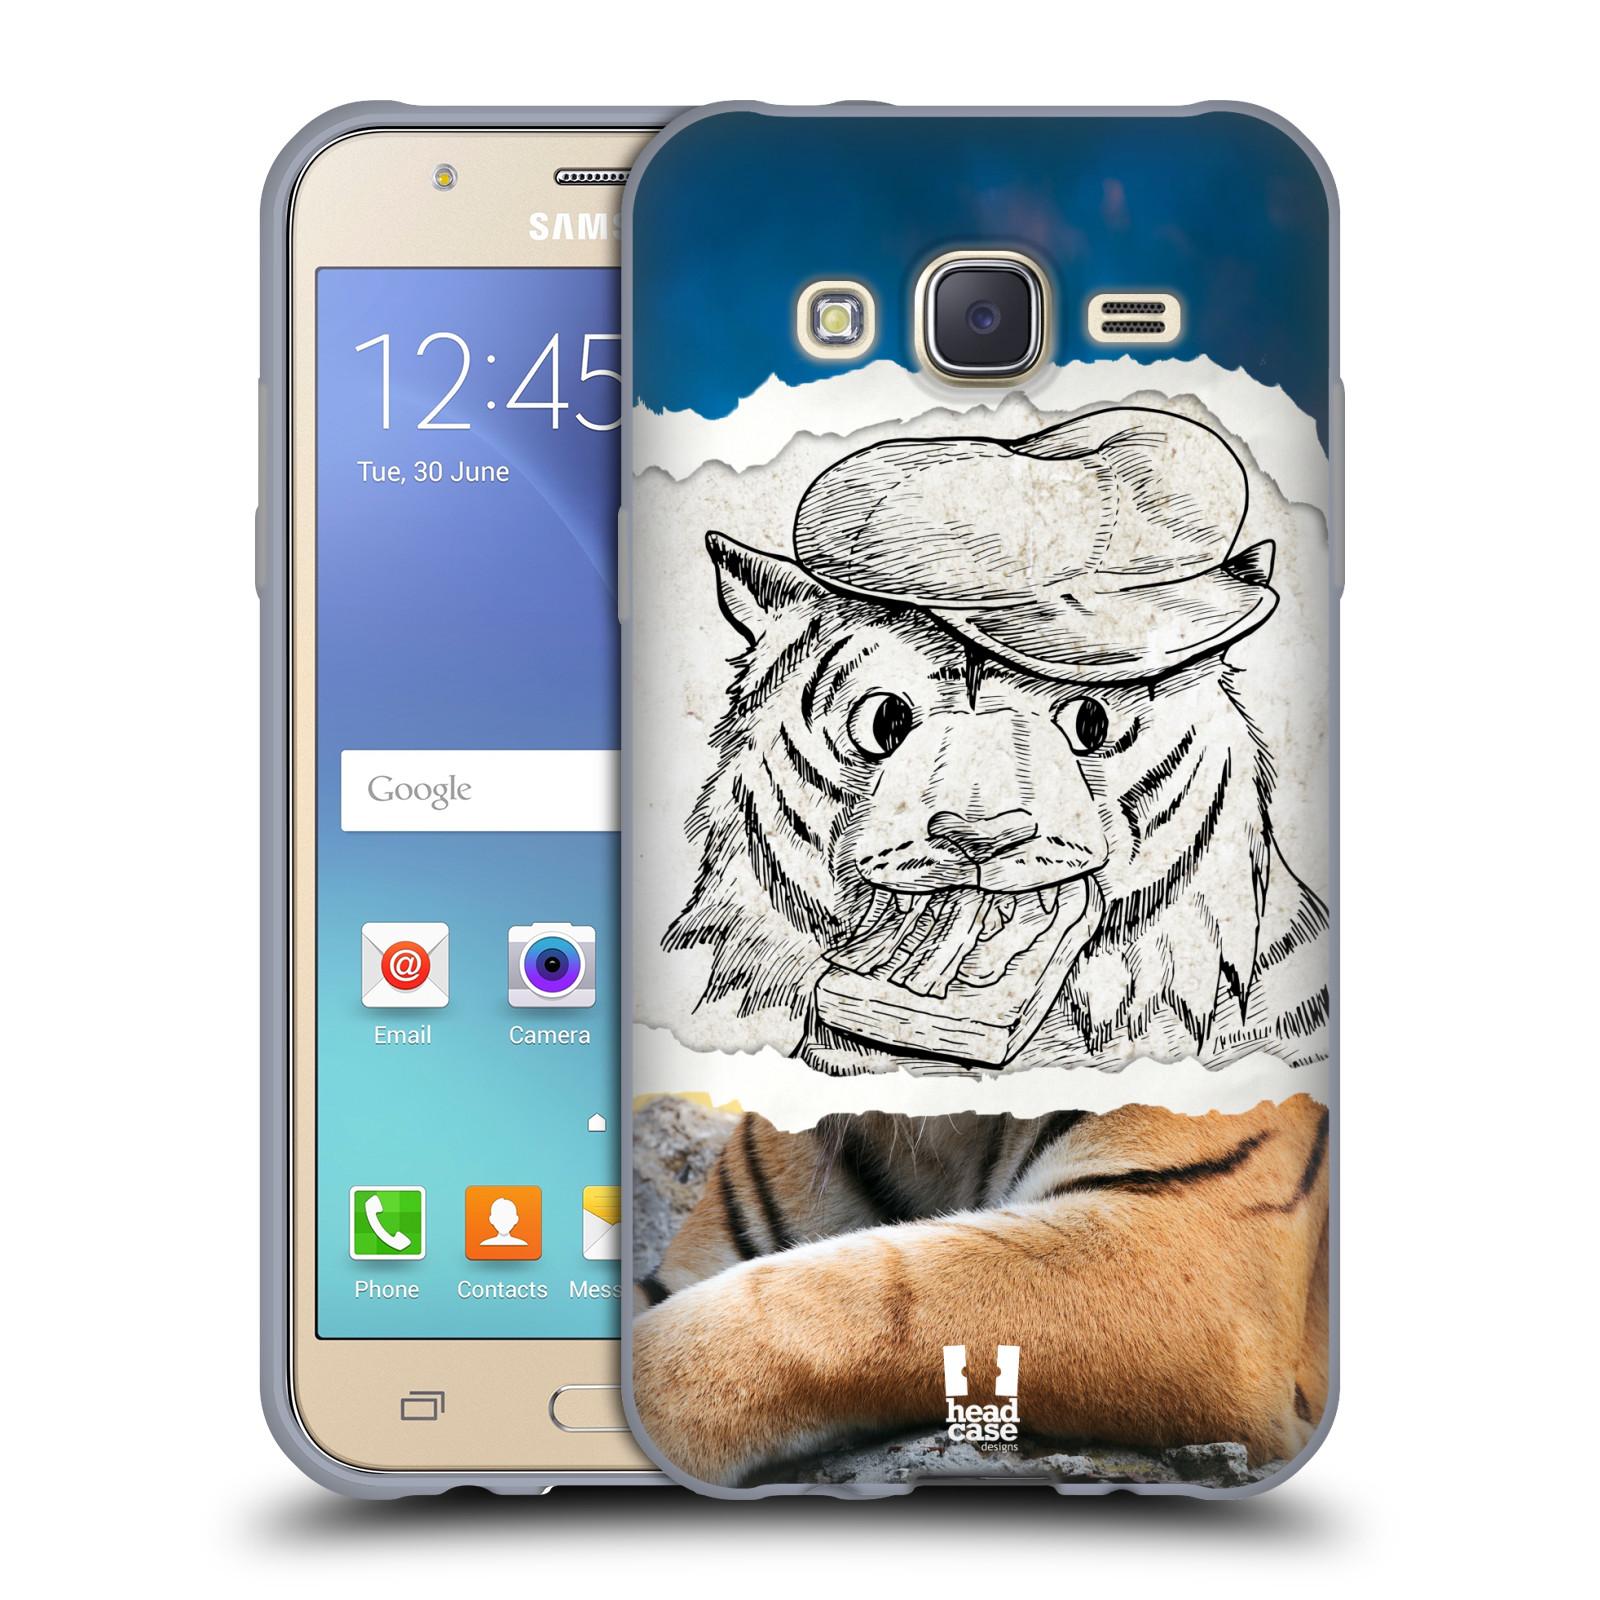 HEAD CASE silikonový obal na mobil Samsung Galaxy J5, J500, (J5 DUOS) vzor zvířata koláž tygr fešák